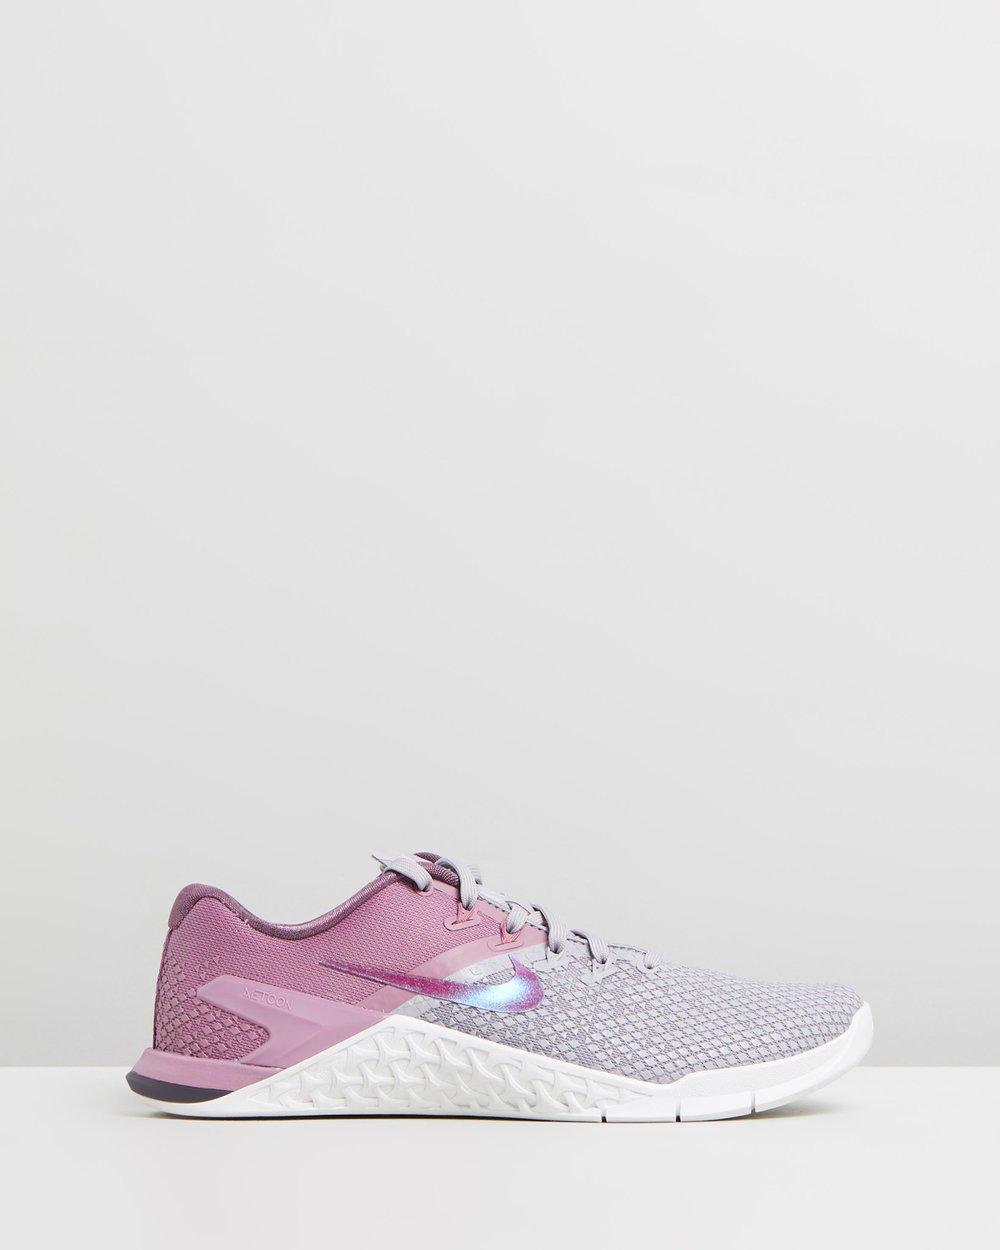 84d24e15d037 Metcon 4 - Women s by Nike Online